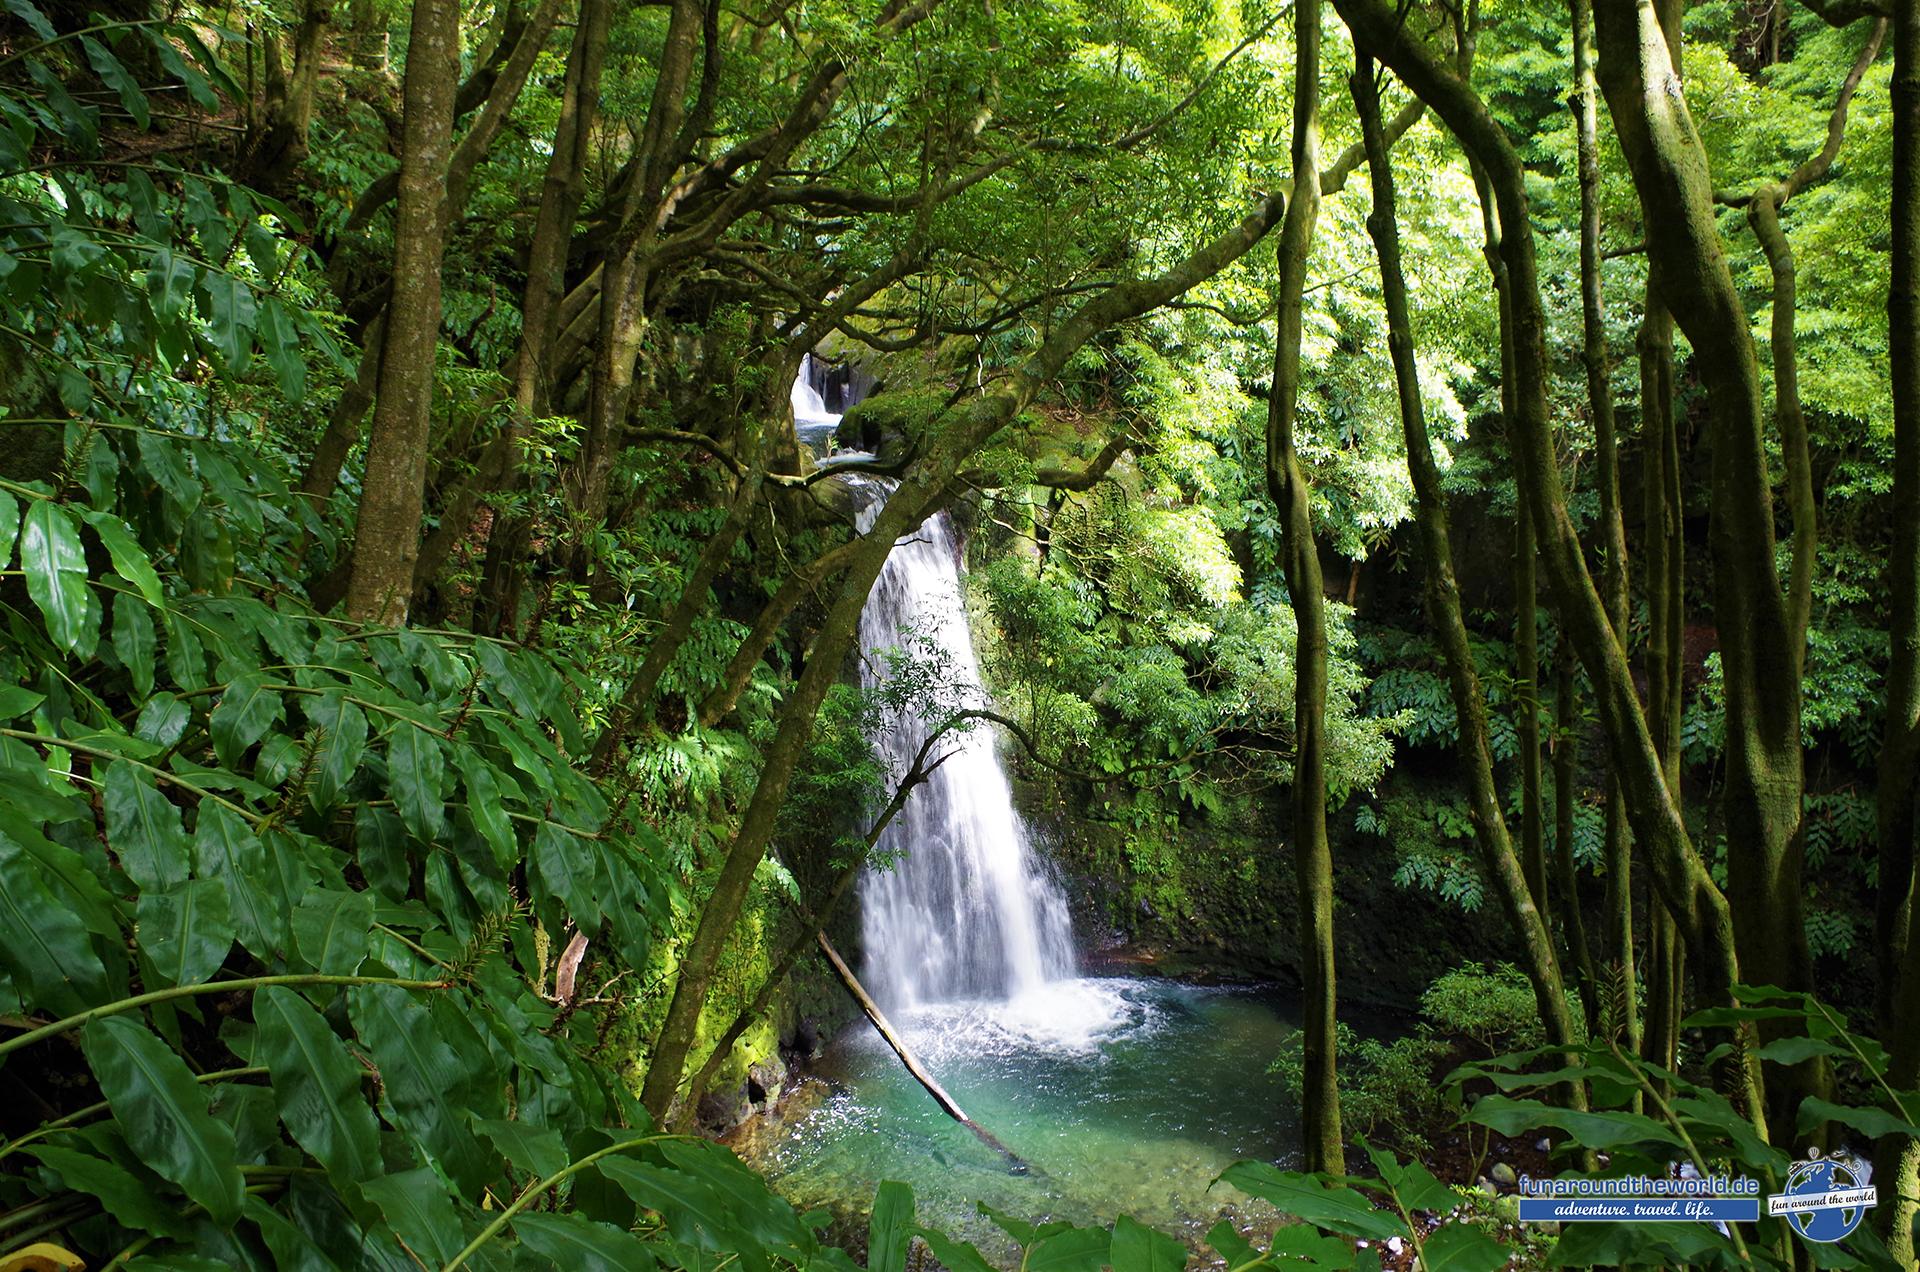 Wanderungen abseits der Touristenpfade entlang zahlreicher Wasserfälle auf Sao Miguel bei Faial da Terra